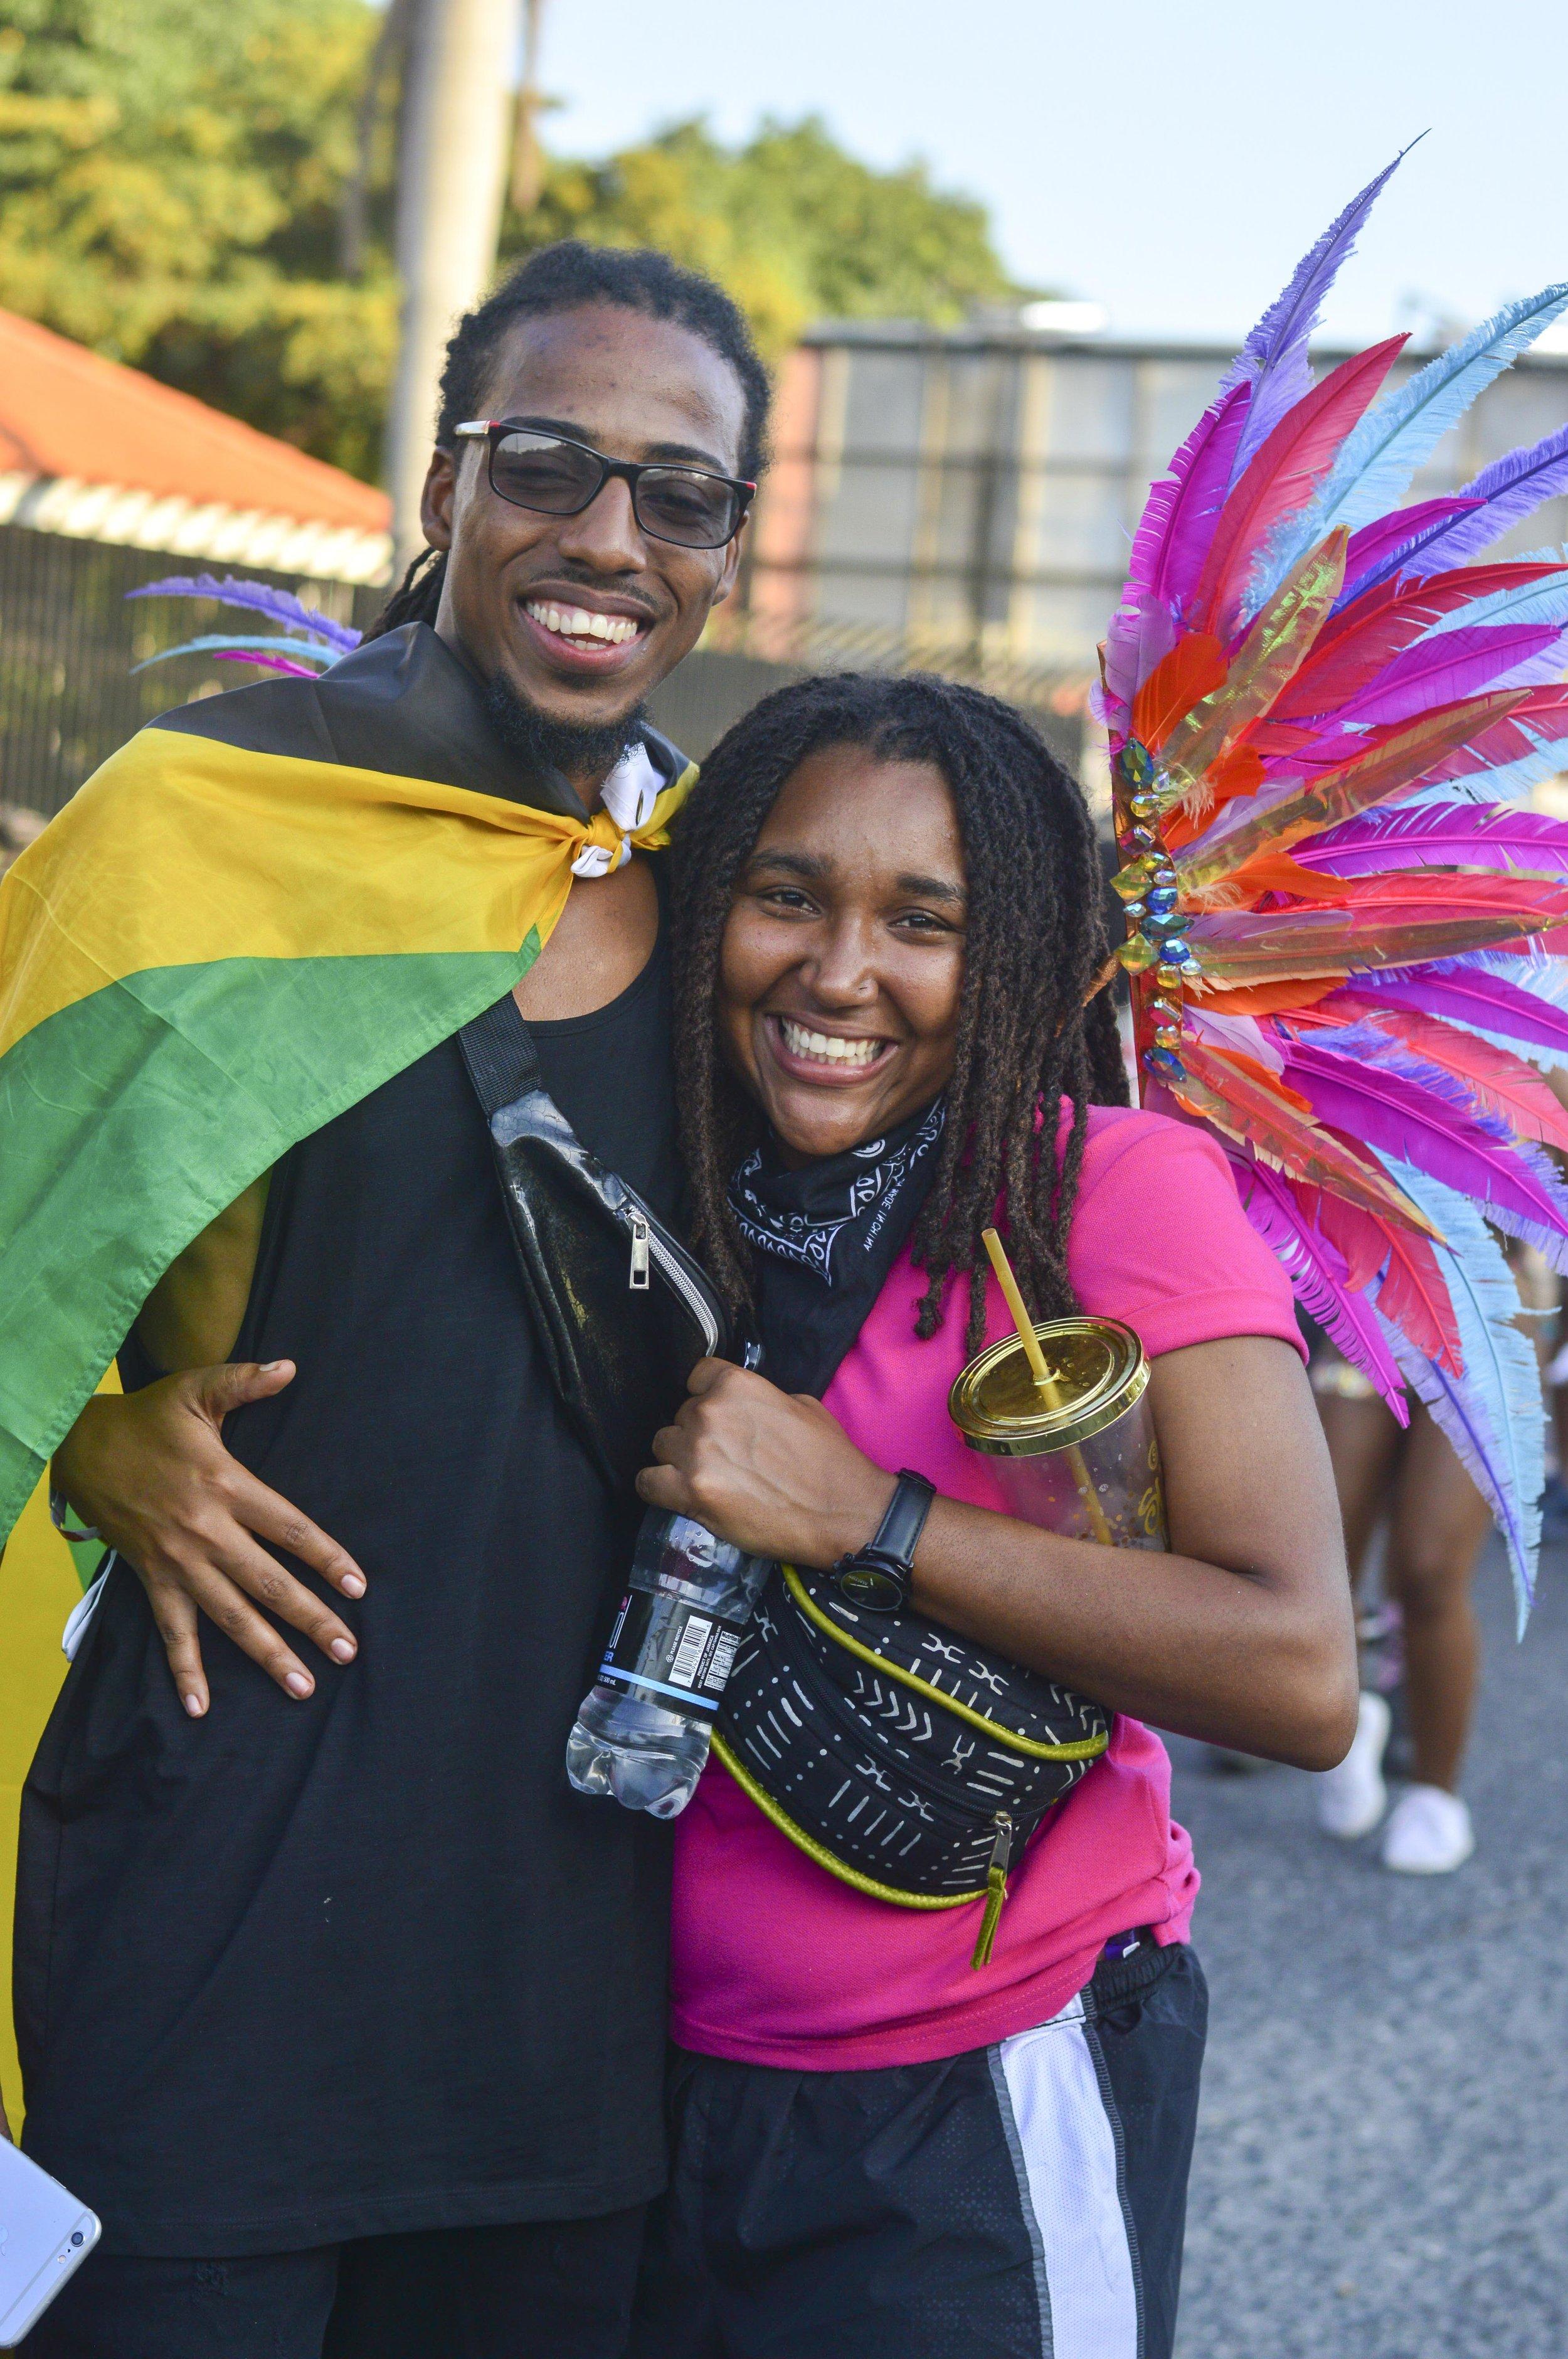 carnival2019_jeanalindo-5.jpg